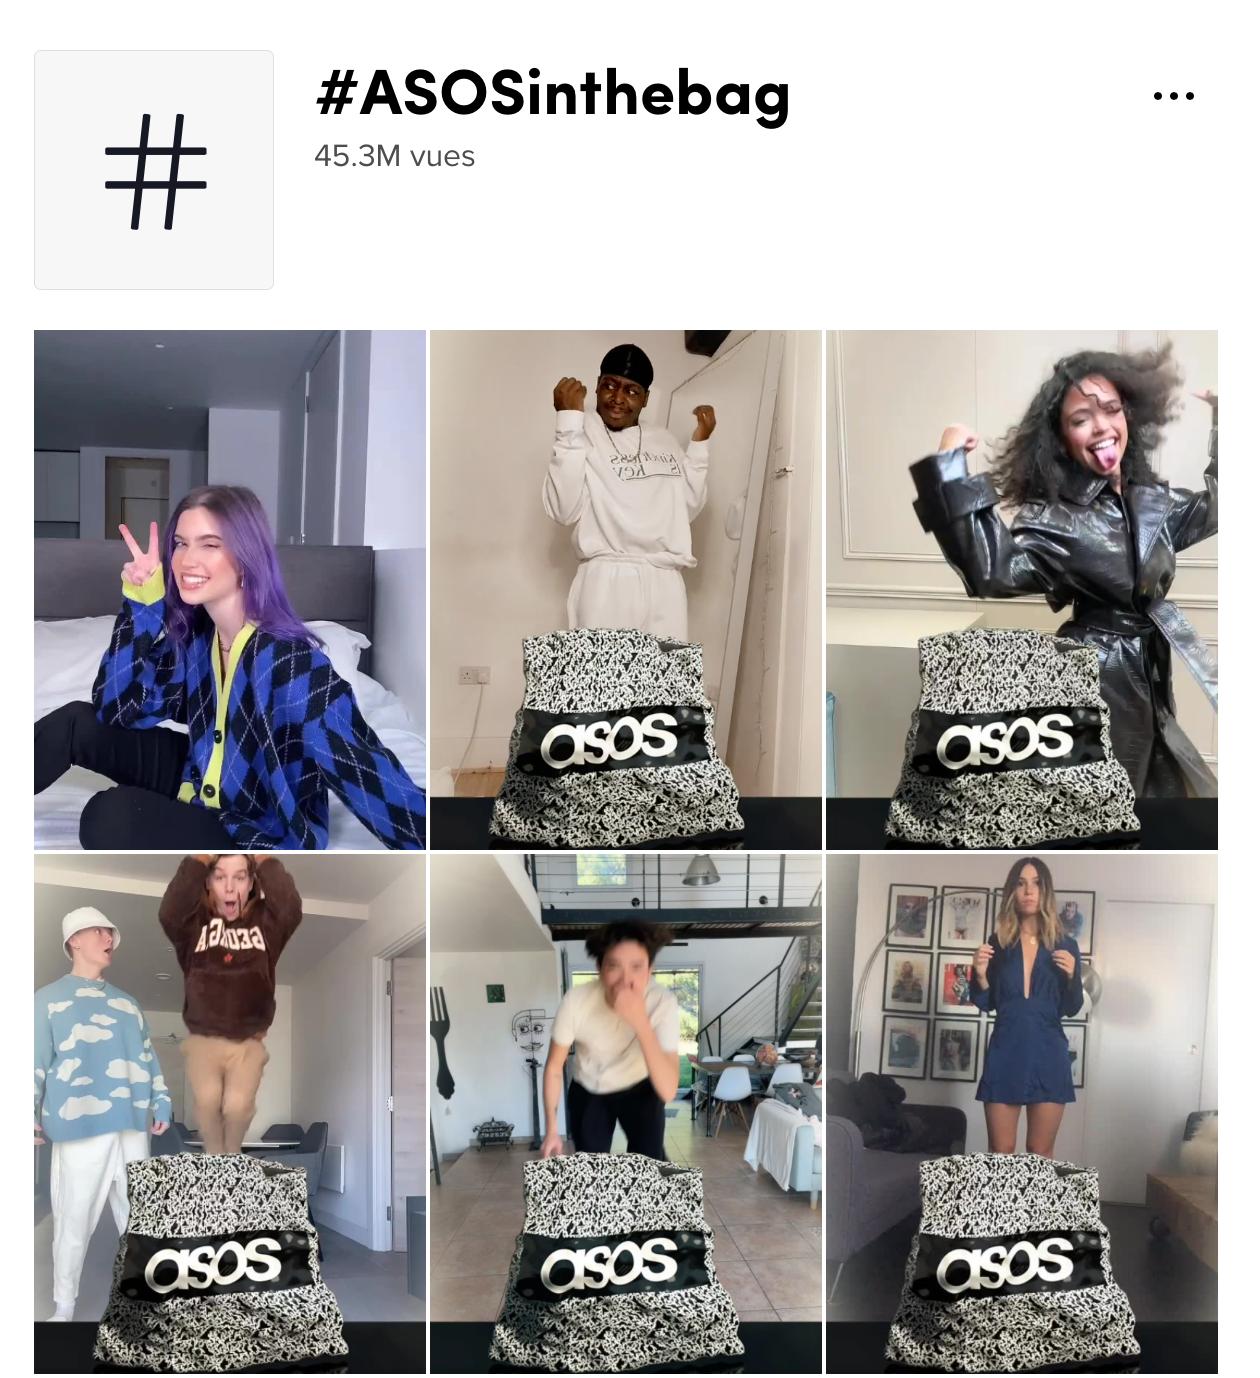 page du challenge tiktok créé par la marque Asos #ASOSinthebag